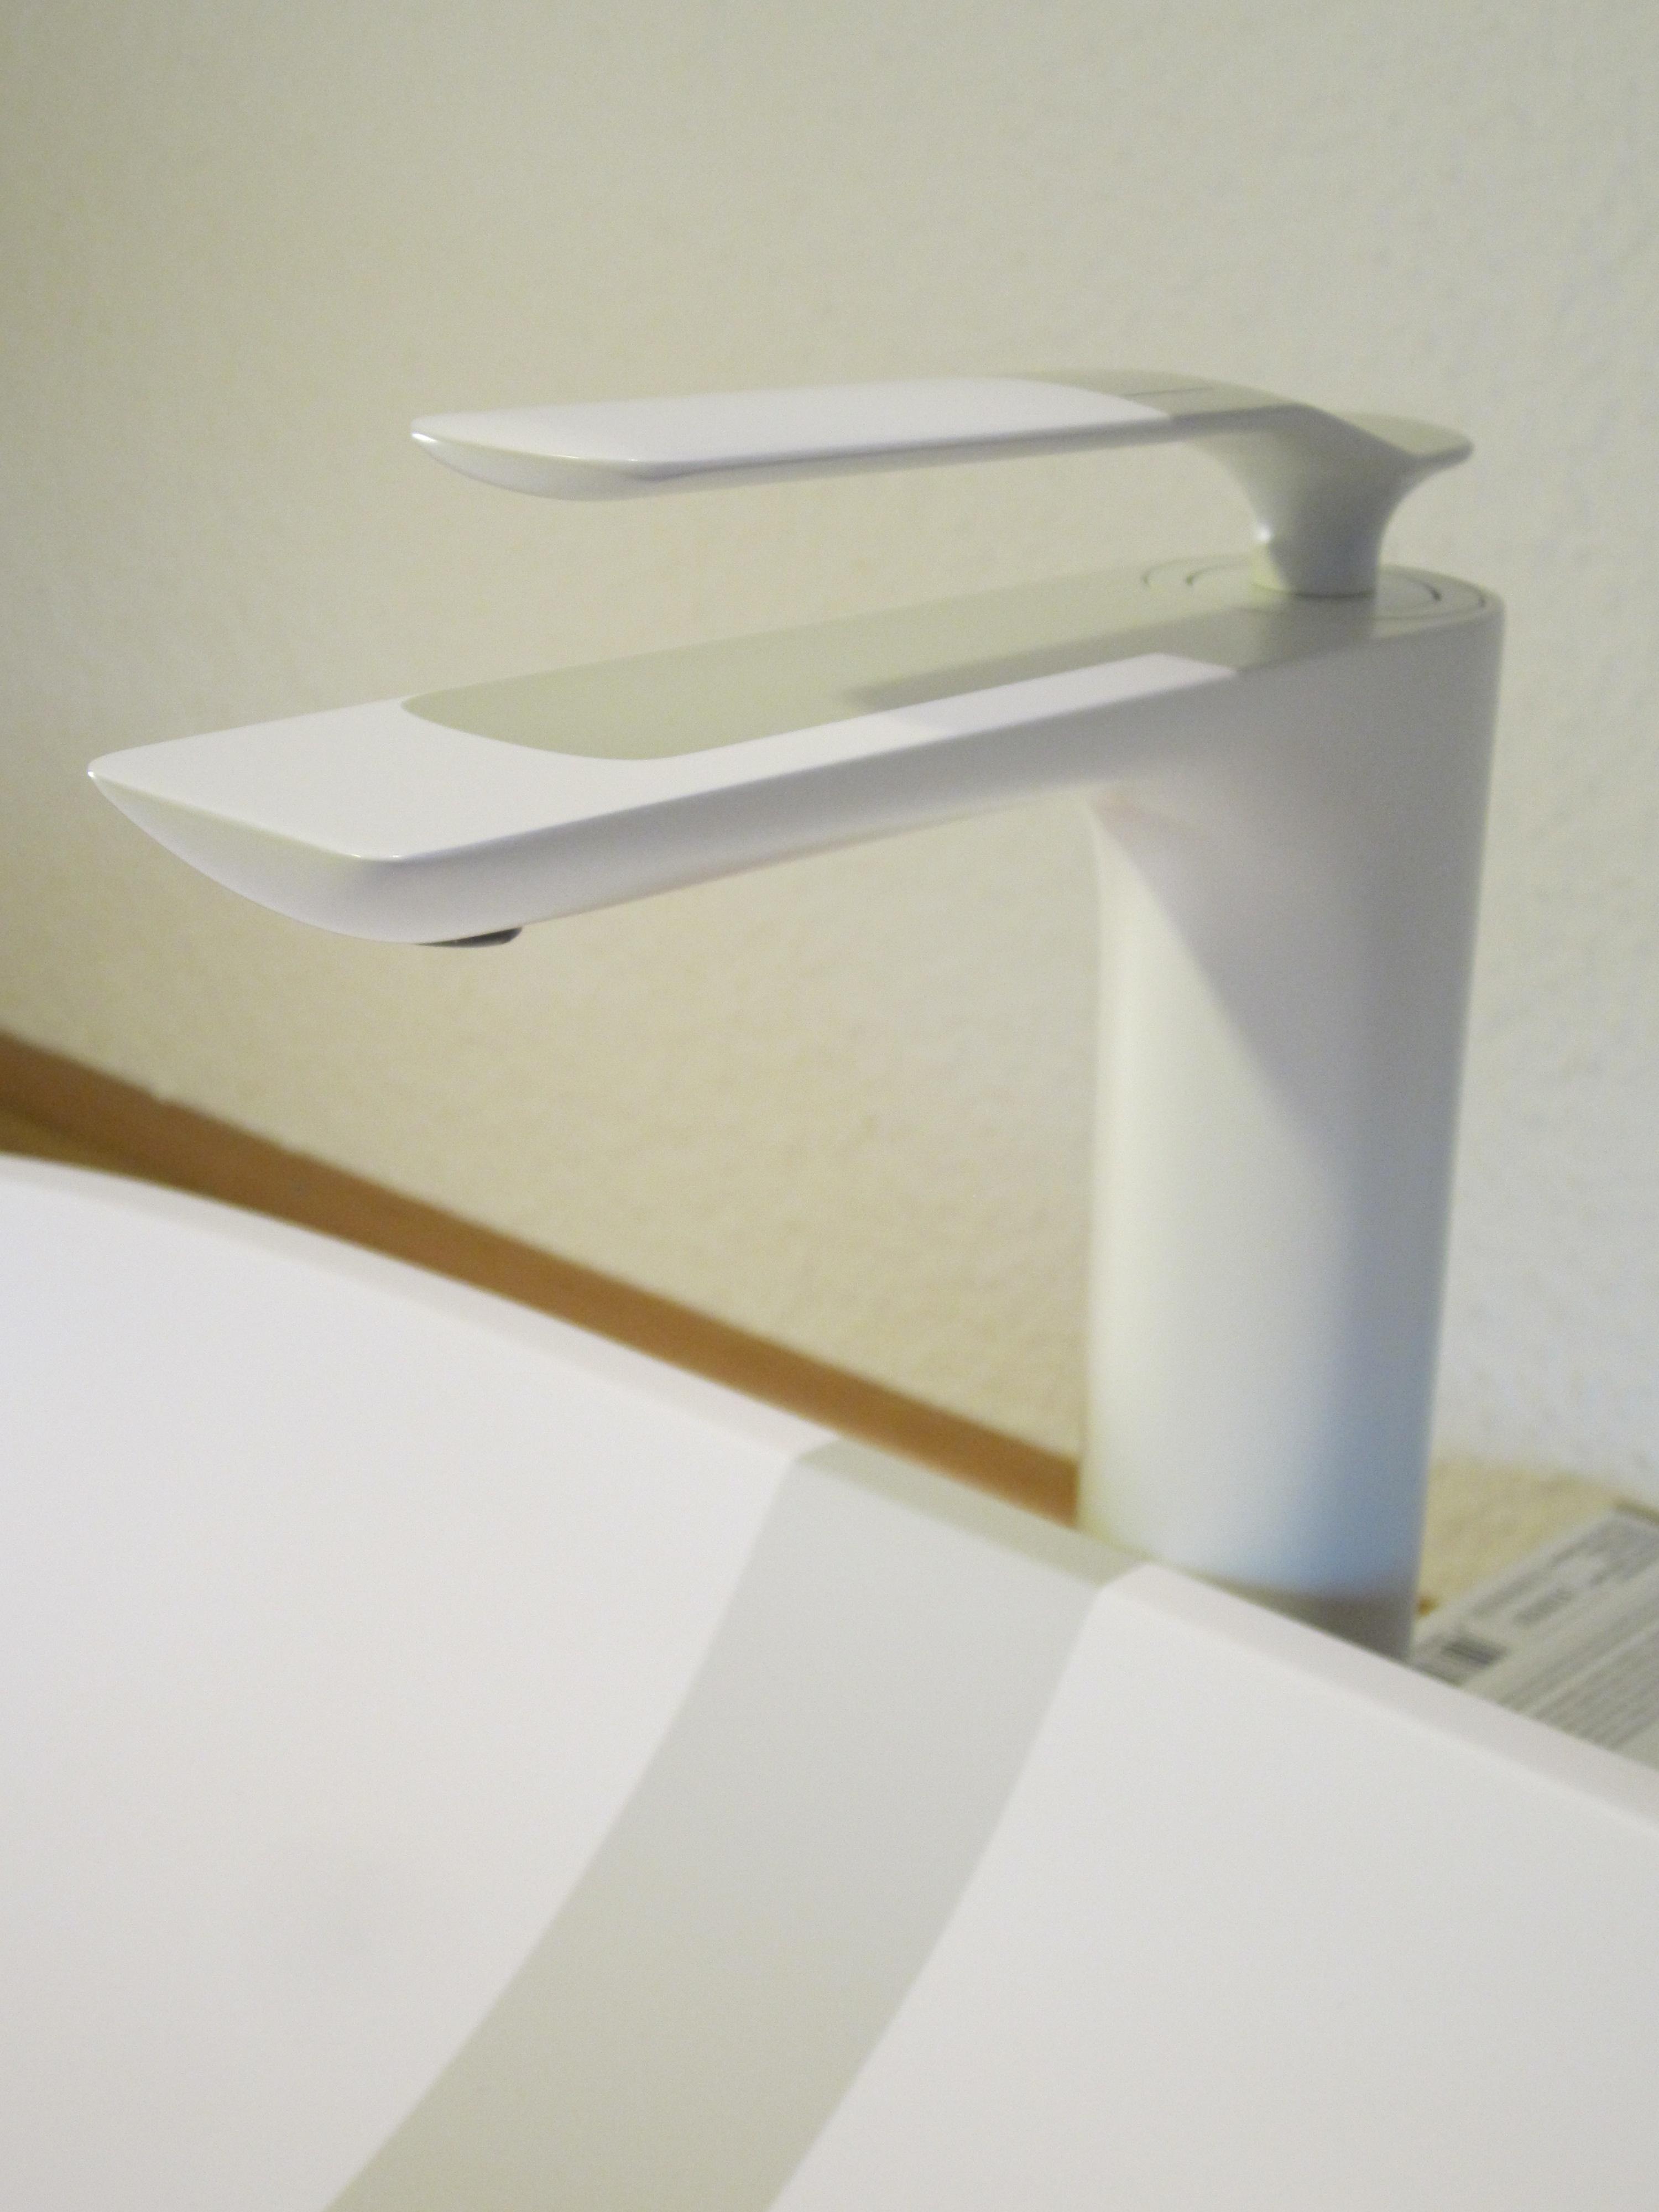 nero badshop hohe bad waschtisch armatur vitoria wei matt online kaufen. Black Bedroom Furniture Sets. Home Design Ideas